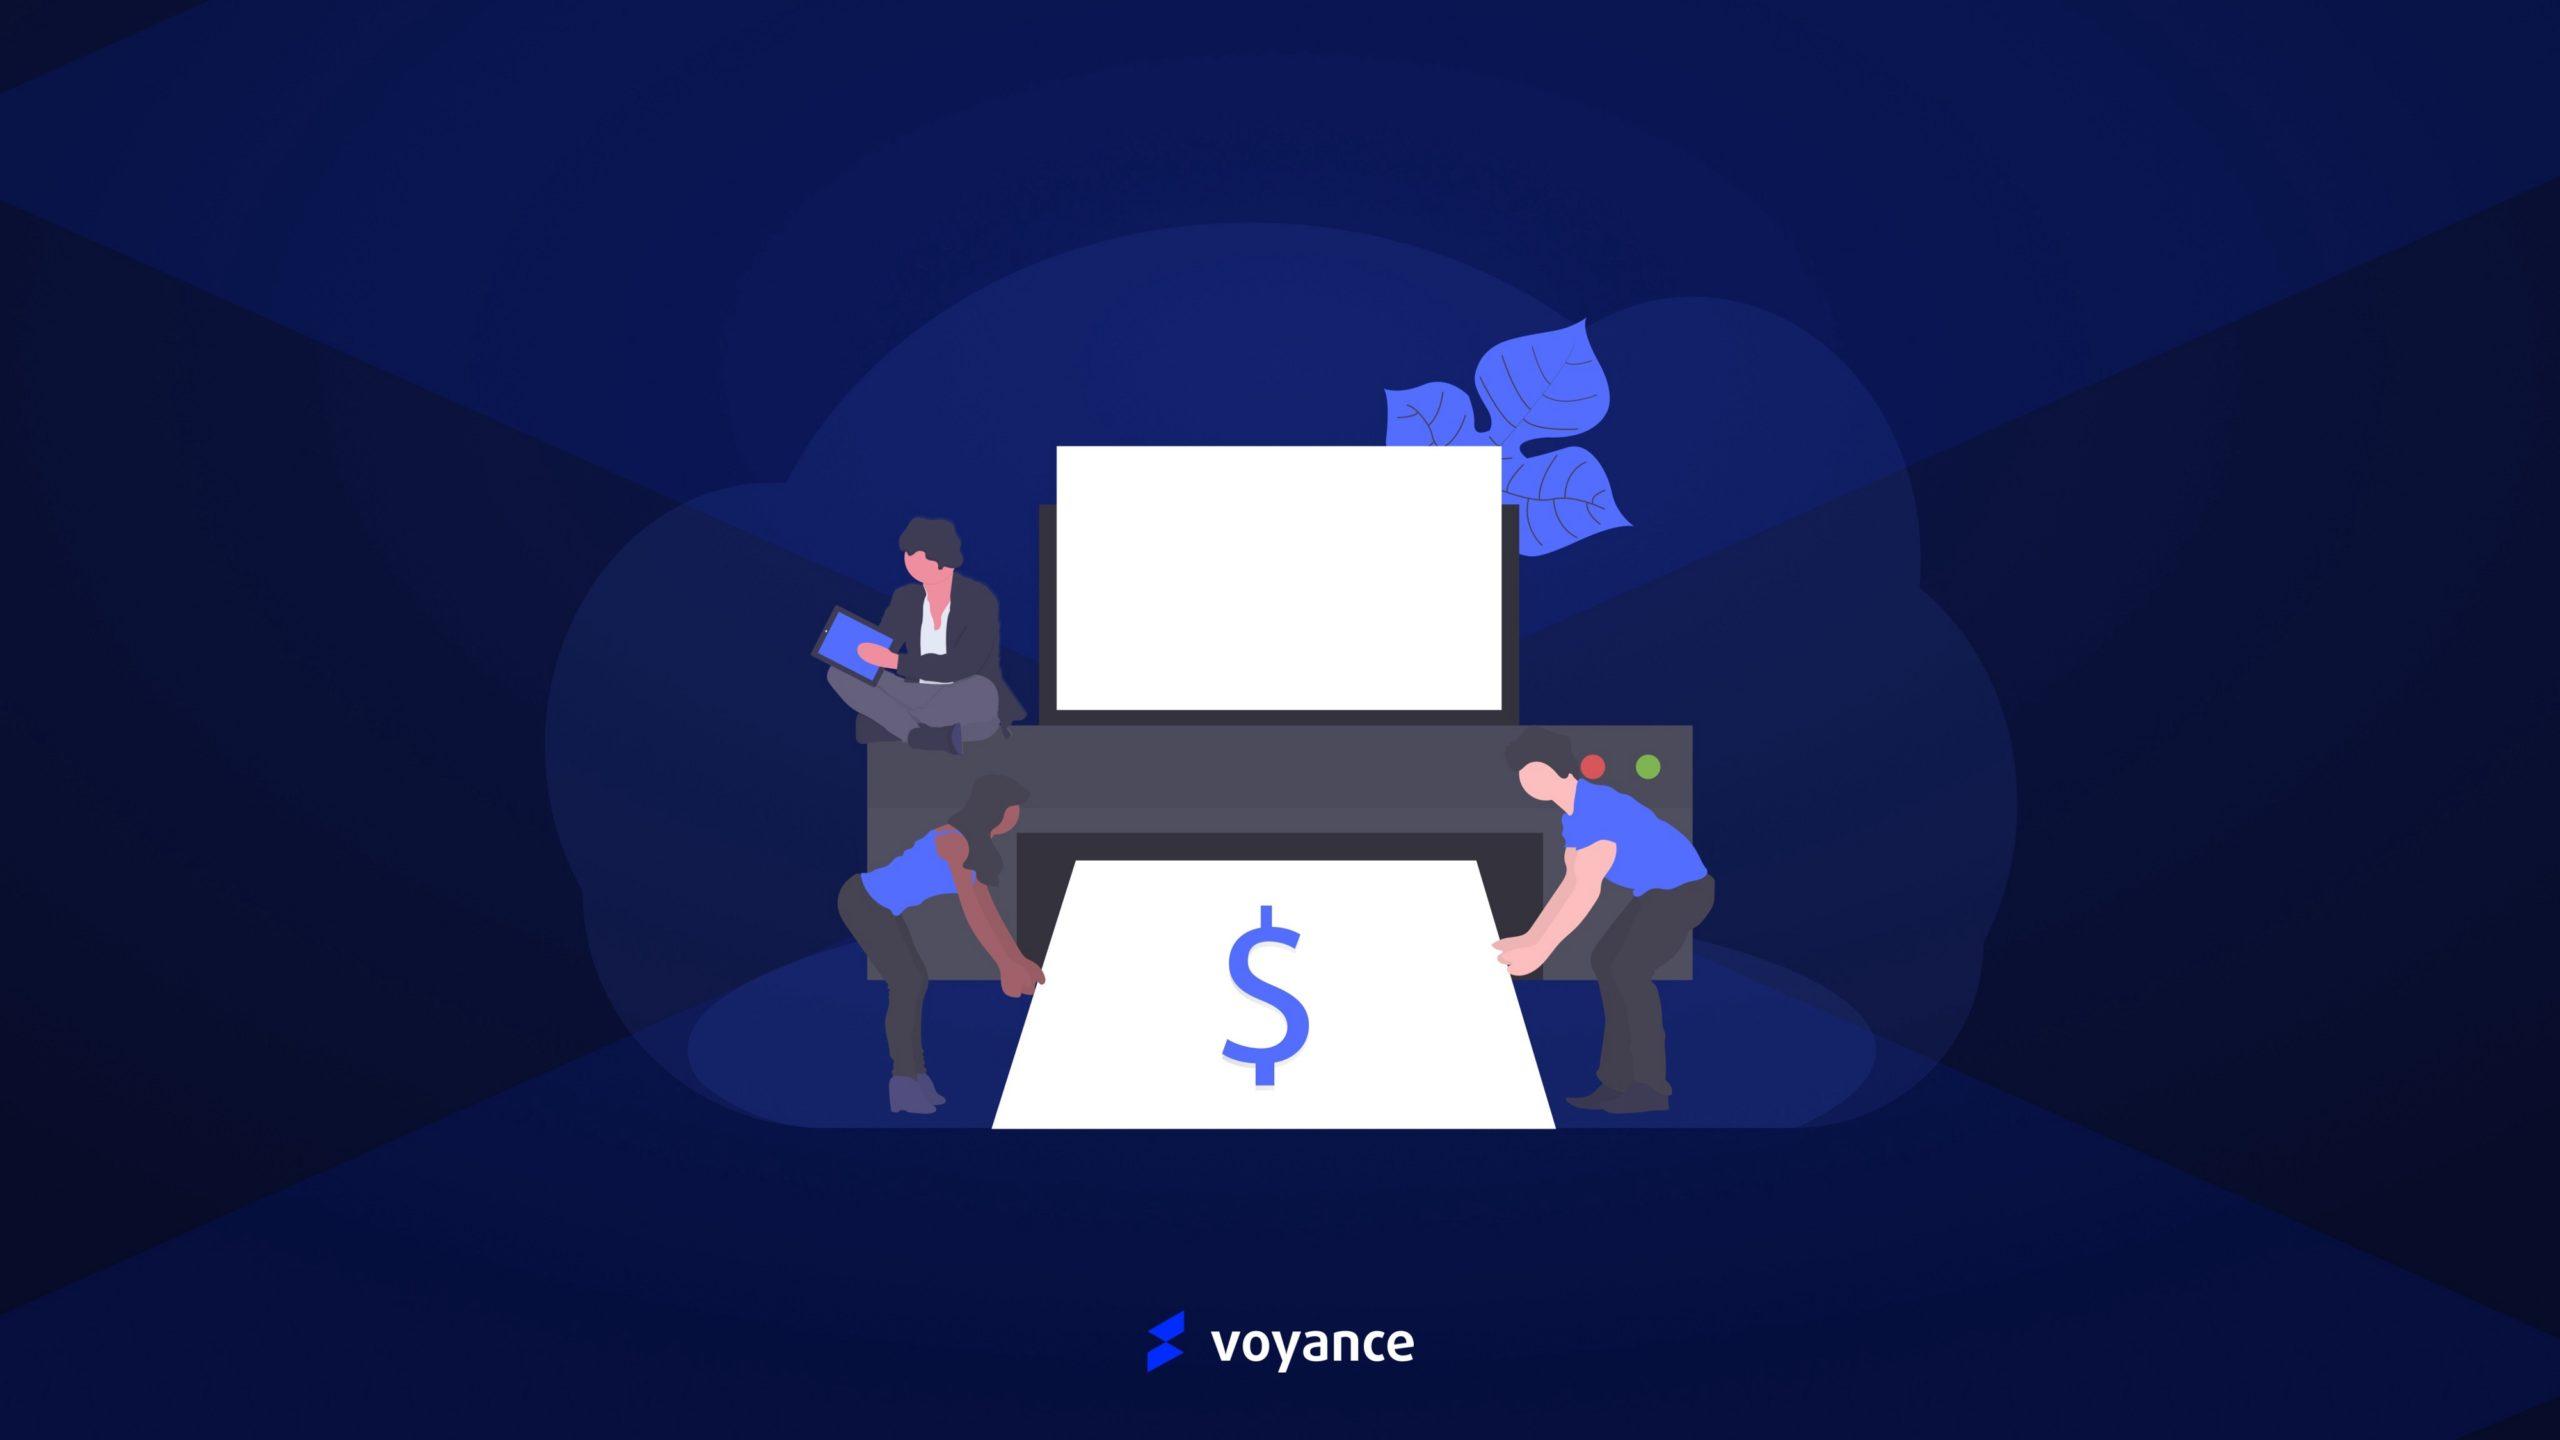 voyance loan